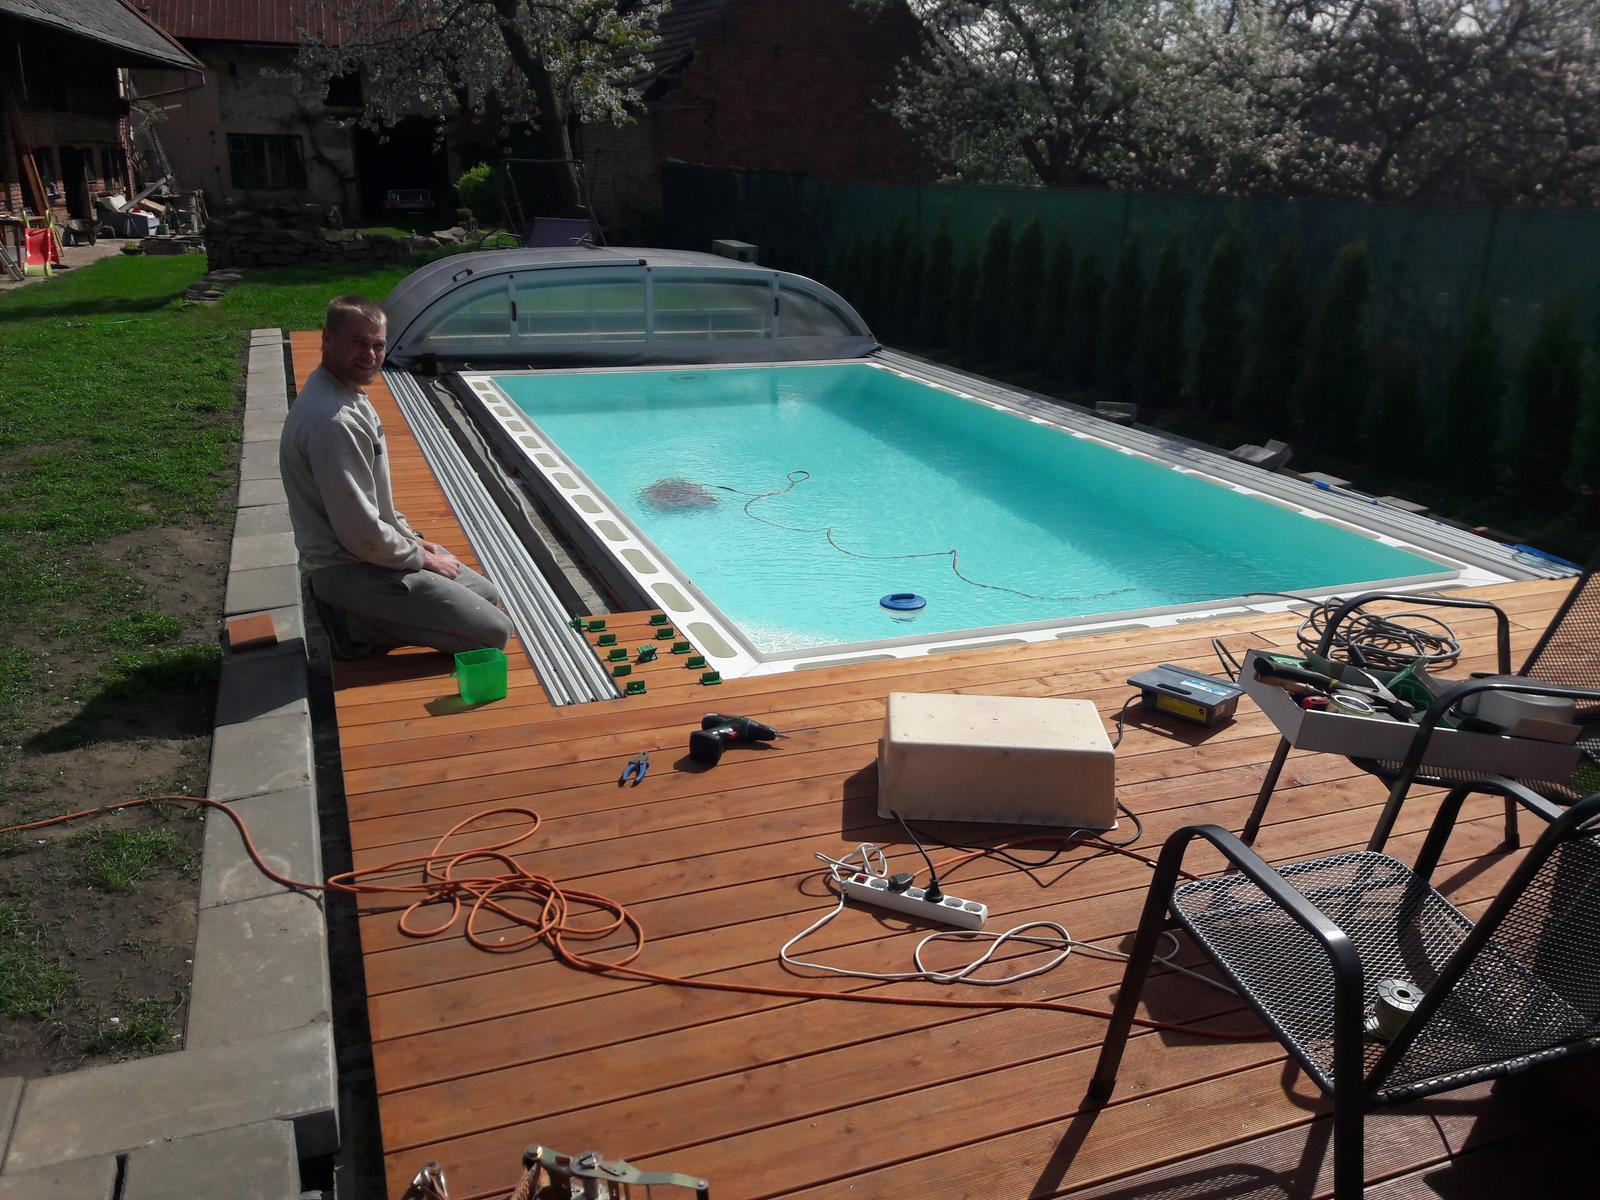 Tak jde čas aneb jak si stavíme sen :-) - S bazénem se blížíme ke konci - dodělávka terasy